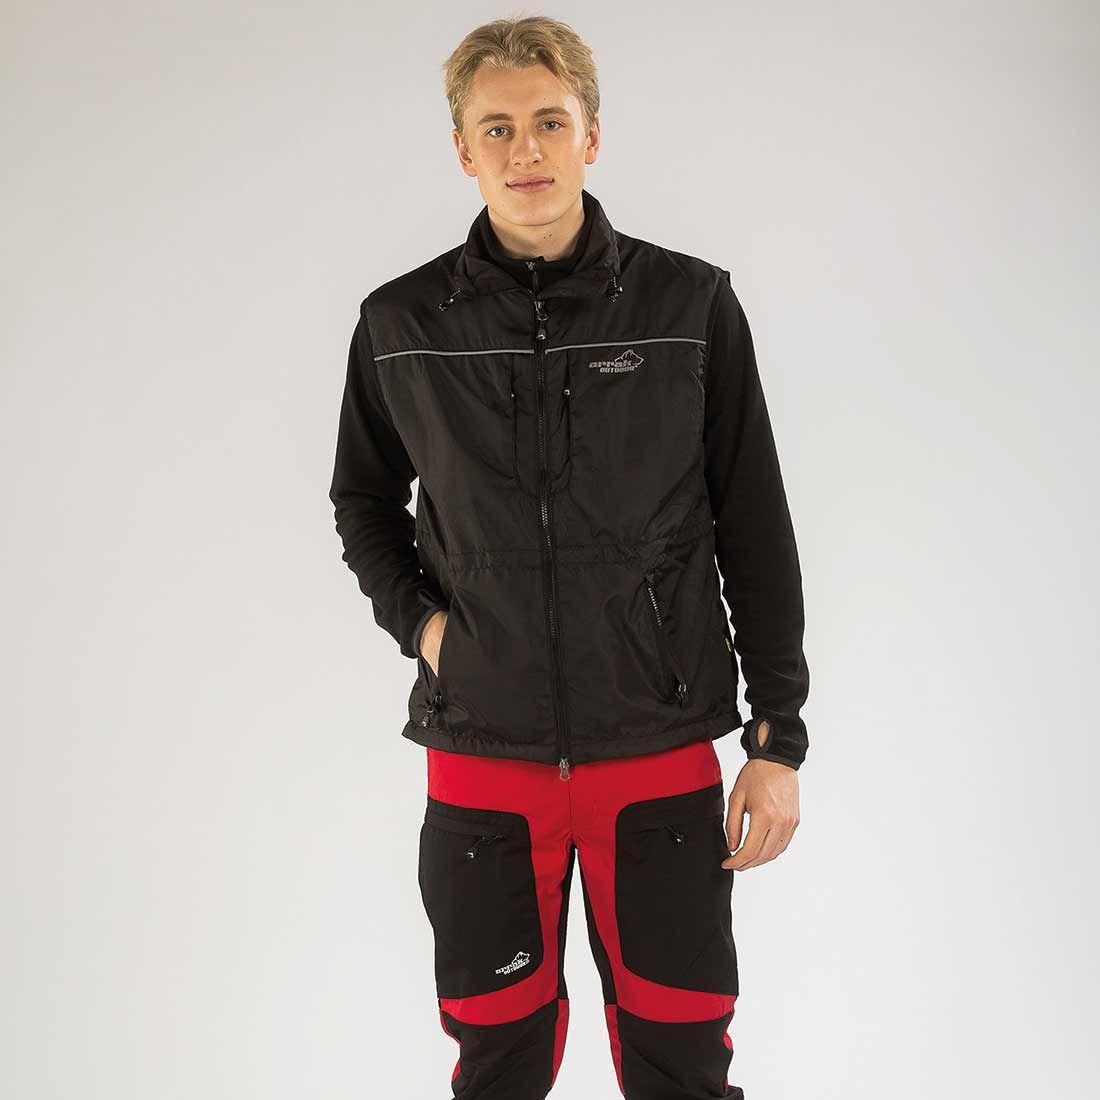 Arrak Jumper vest Black XL